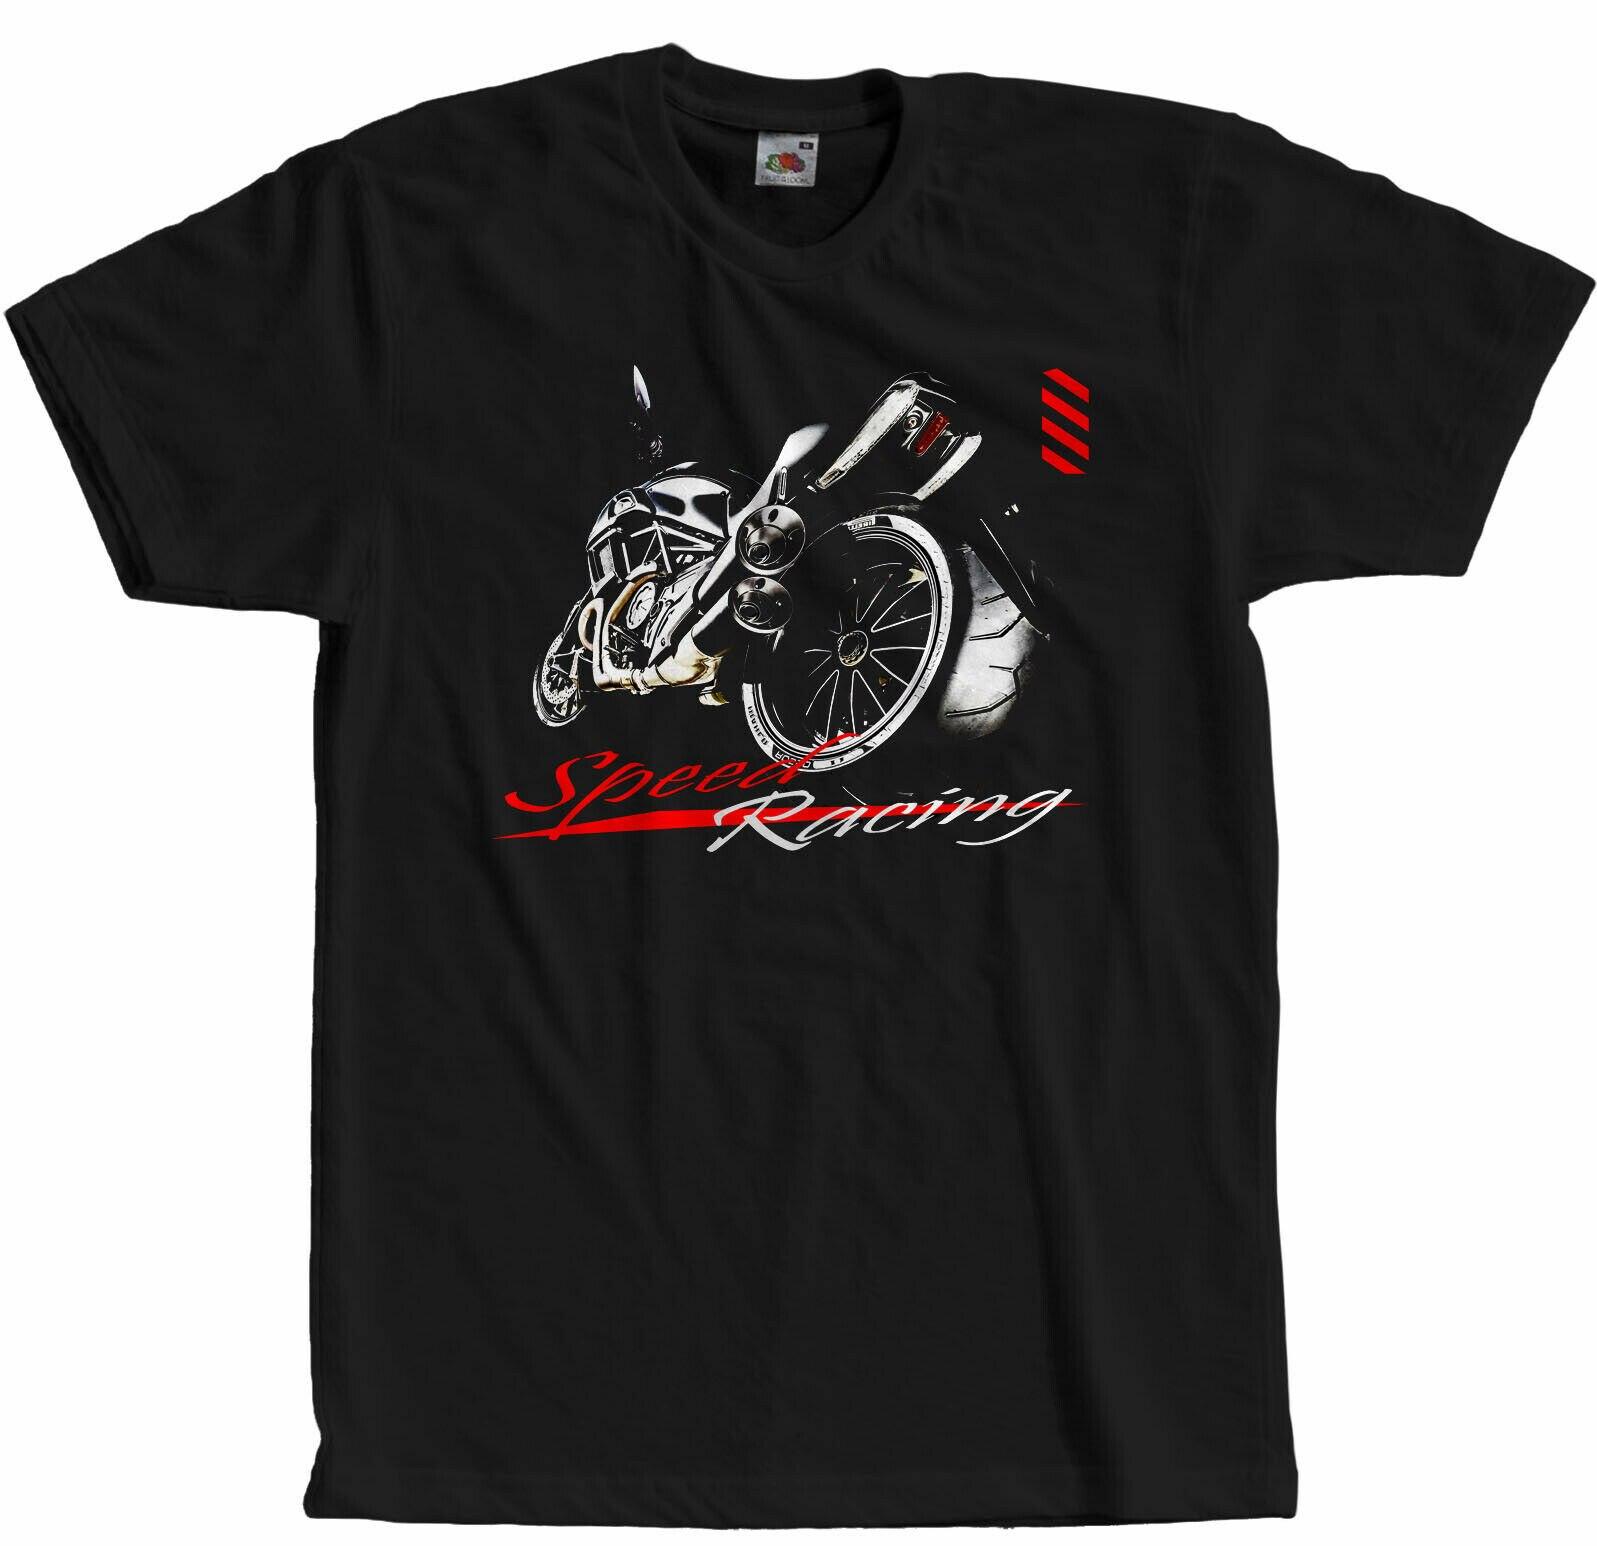 Motorfiets Racing Diavel Motorrad Gp Speed Motoren T-Shirt Merk 2019 Mannelijke Korte Mouwen Ontwerpen Best Verkopende Mannen Cool T Shirts